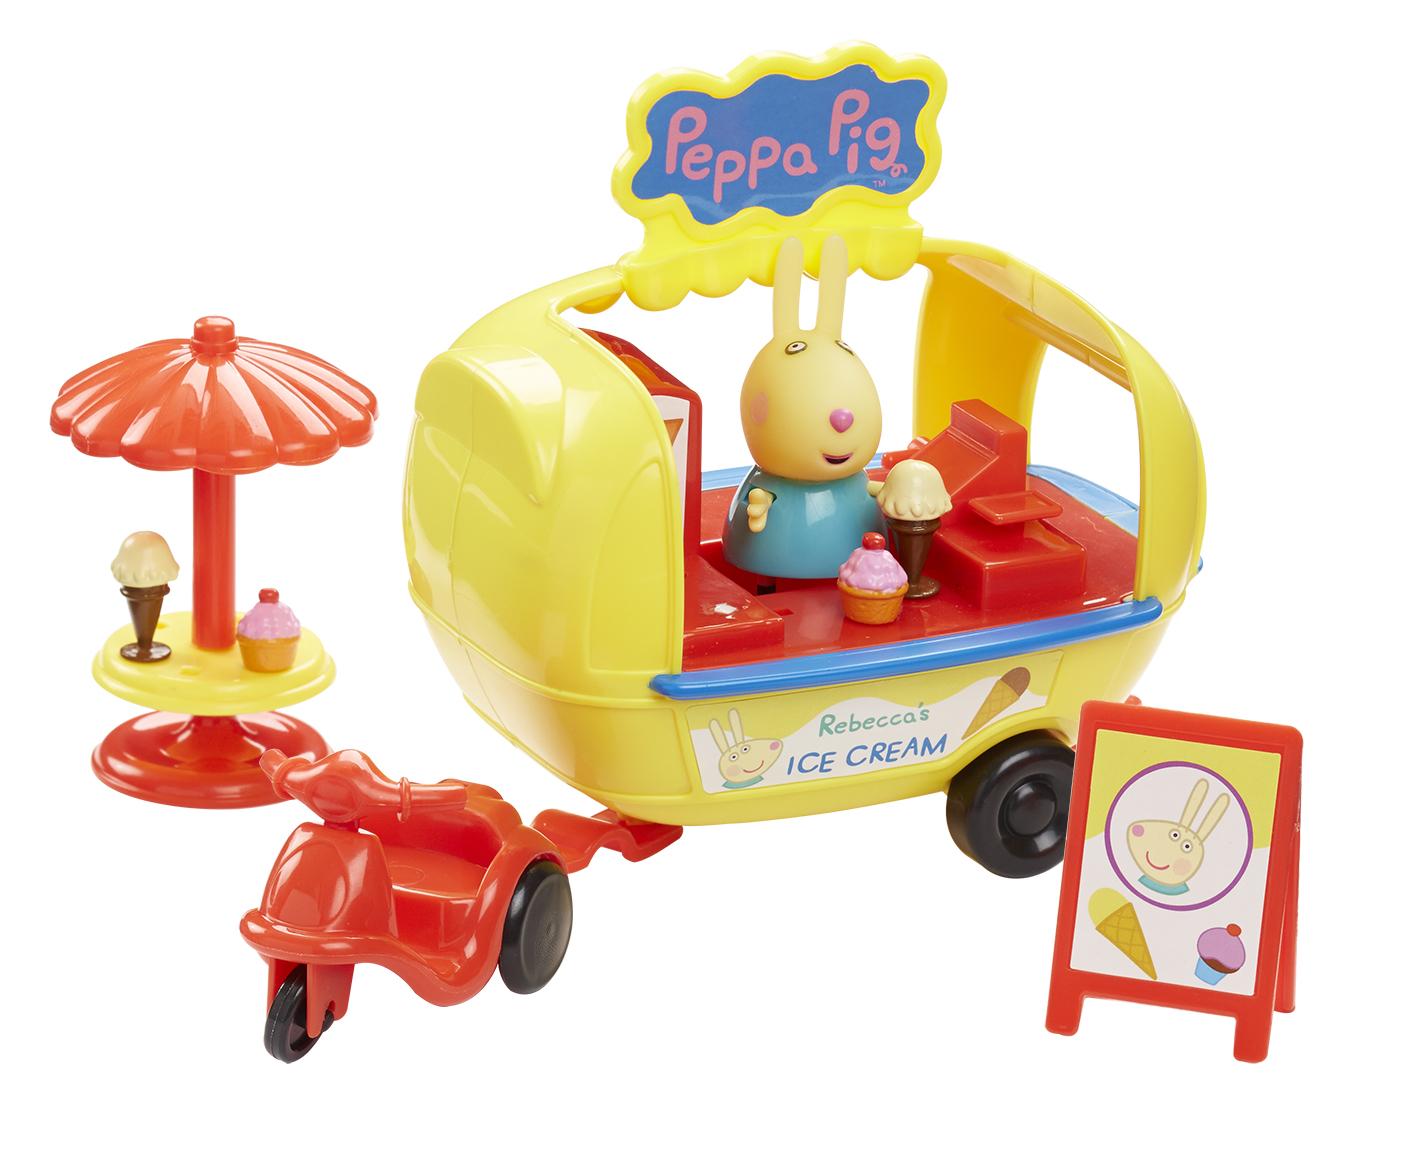 Peppa Pig Набор фигурок Кафе-мороженое Ребекки30628Кролик Ребекка решила устроить настоящий праздник мороженого, и теперь она всем продает любимое лакомство. Ваш малыш хочет присоединиться к ее увлекательному занятию? Тогда игровой набор Кафе-мороженое Ребекки ТМ Свинка Пеппа ему поможет в этом. В комплекте 8 предметов: красный одноместный трицикл, соединенный с красно-желтым фургоном-прилавком с окошками и вывеской Кафе-мороженное Ребекки (размер фургона: 13x13x10 см), фигурка Ребекки (5,5 см) с подвижными ручками и ножками, 3 рожка с мороженым, столик с зонтиком, доска объявлений. Сюжетно-ролевая игра с этим набором активно развивает у детей воображение, координацию движений, творческое мышление и навыки общения. А чтобы эта веселая игра стала еще интереснее, можно дополнительно приобрести другие игрушки из серии Свинка Пеппа. Игрушки выполнены из качественного пластика и пластизоля.